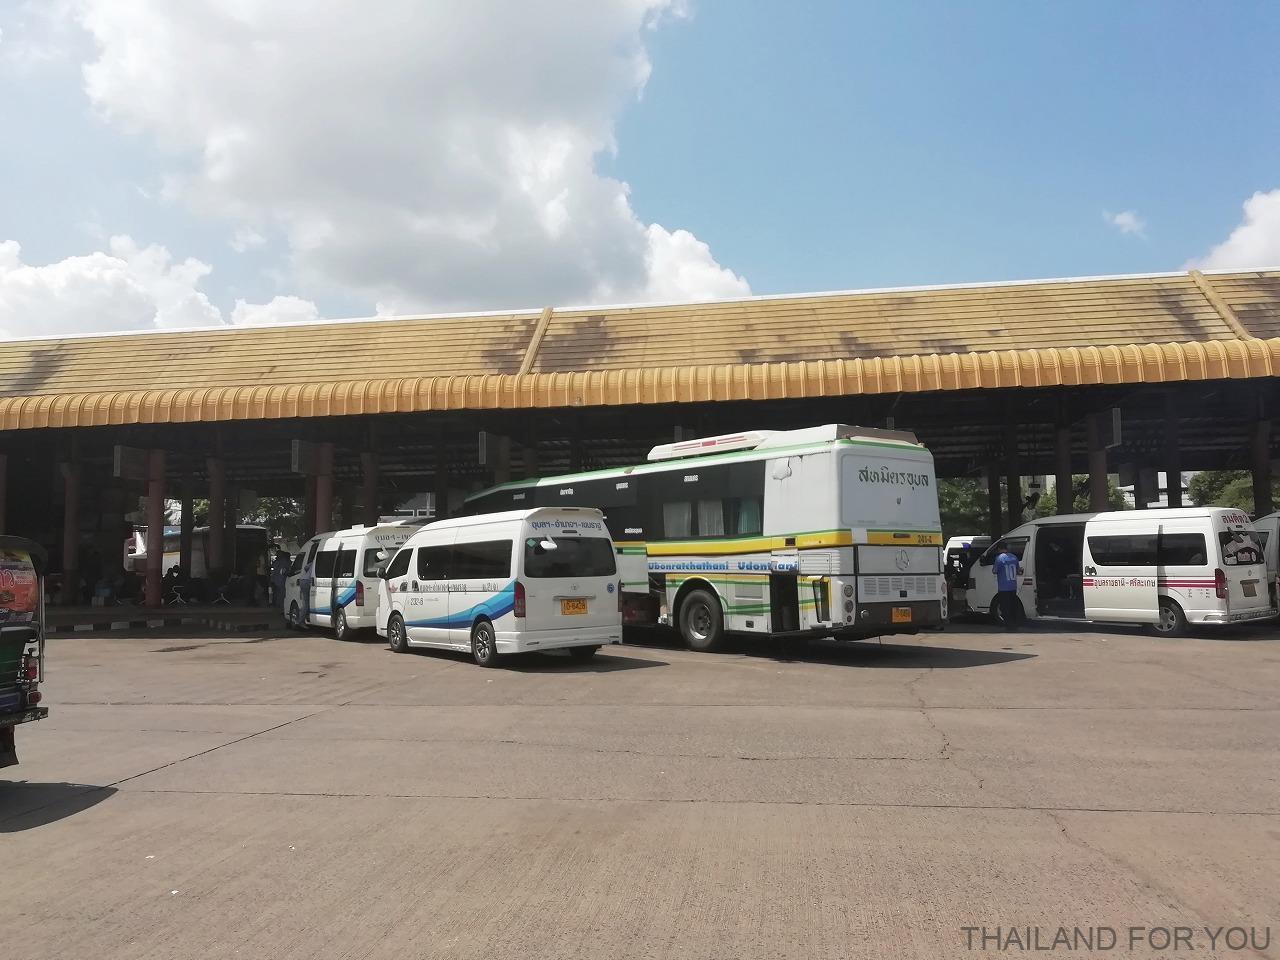 ウボンラチャタニ バスターミナル